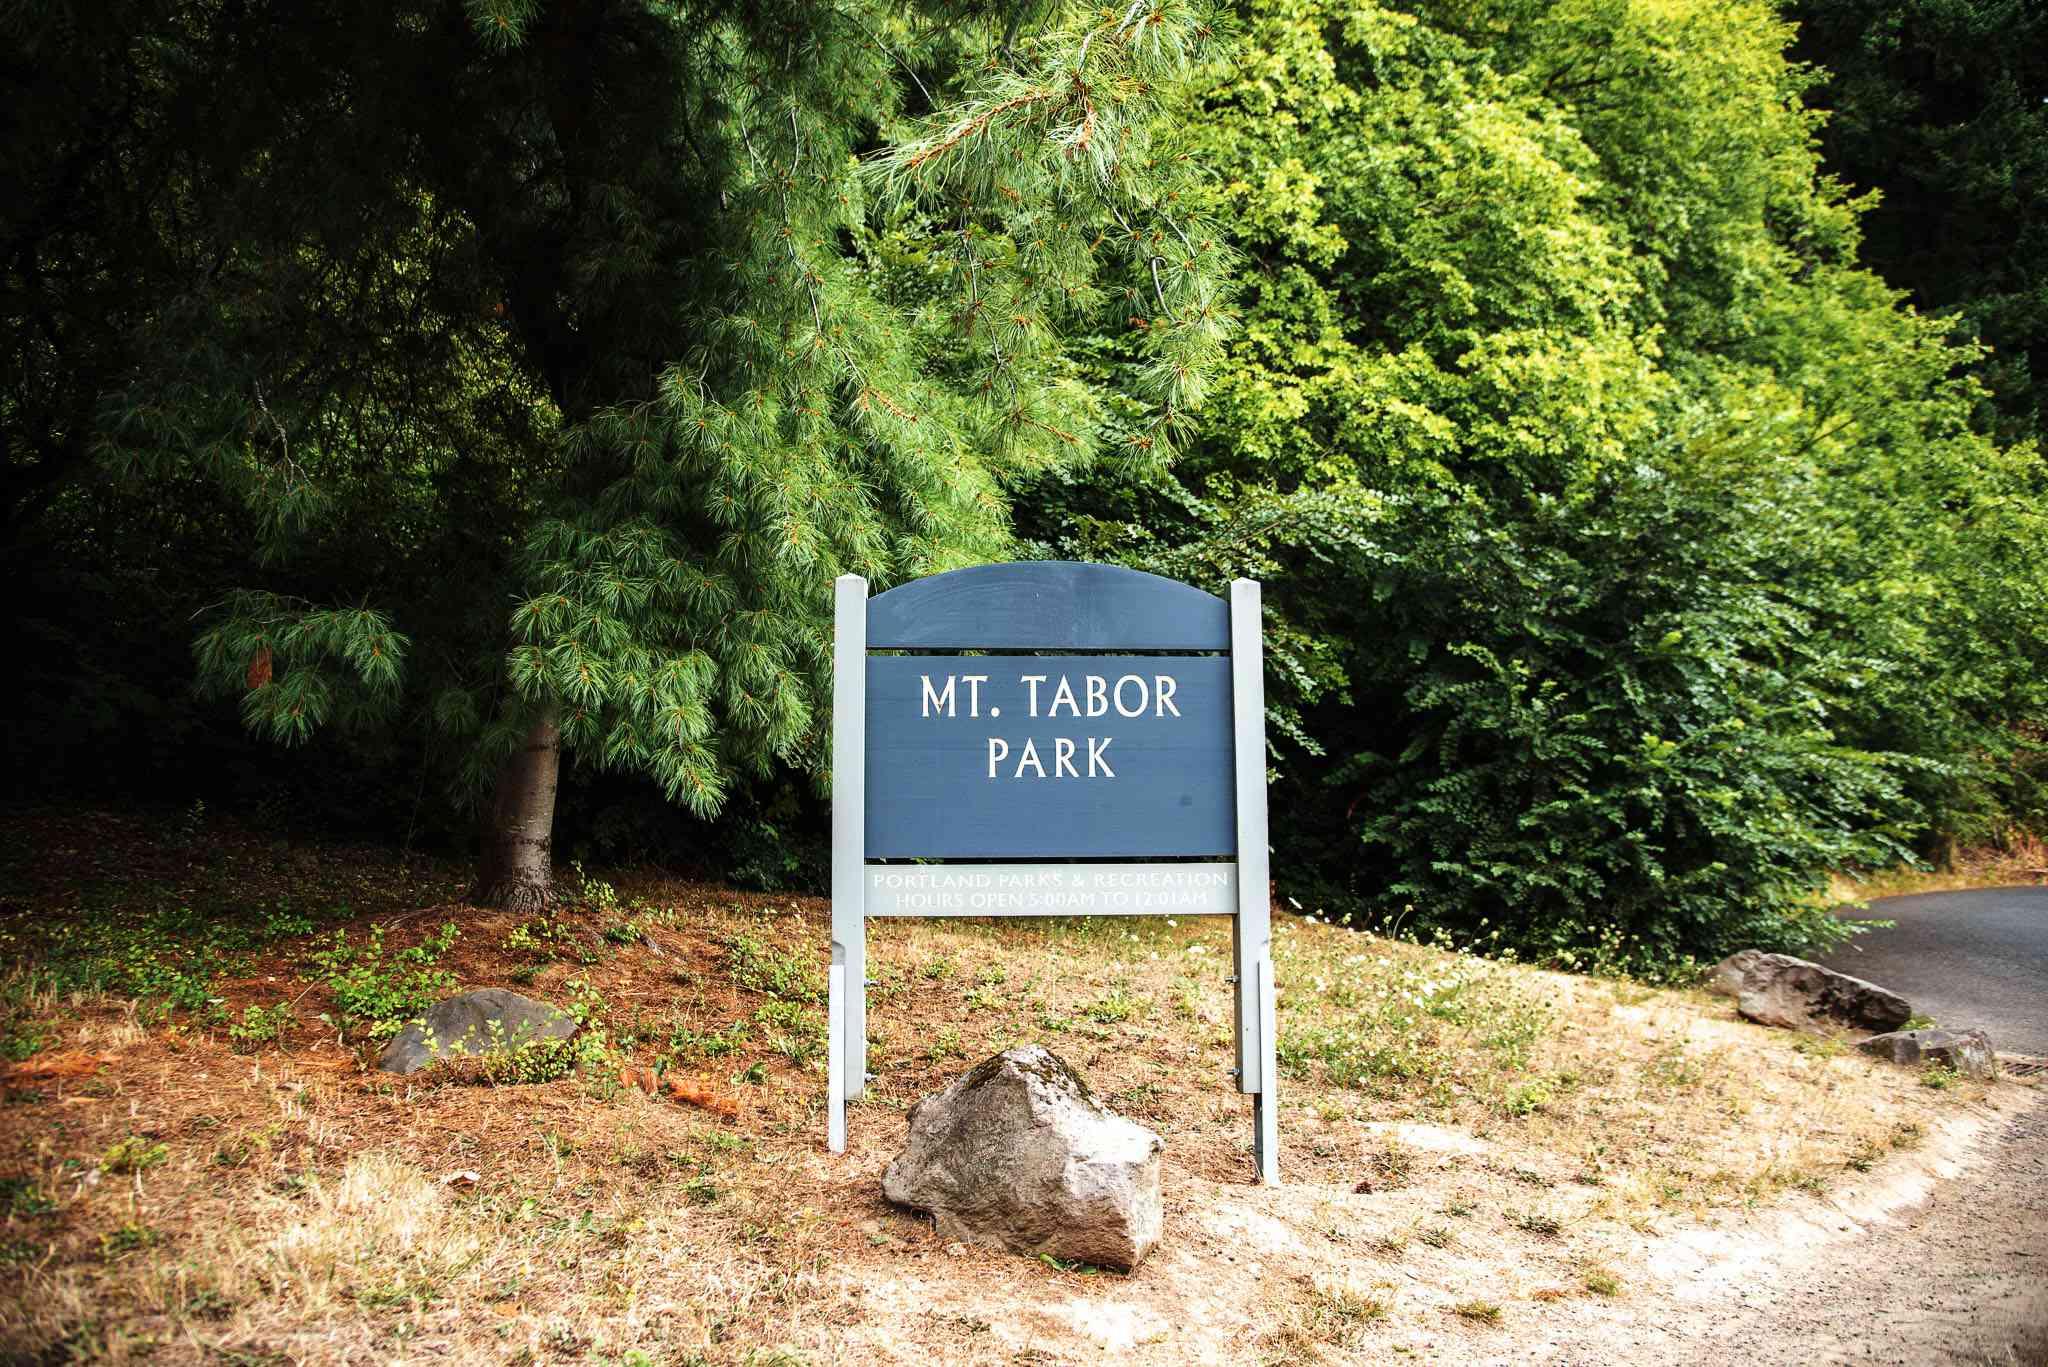 Letrero para Mt Tabor Park frente a árboles verdes